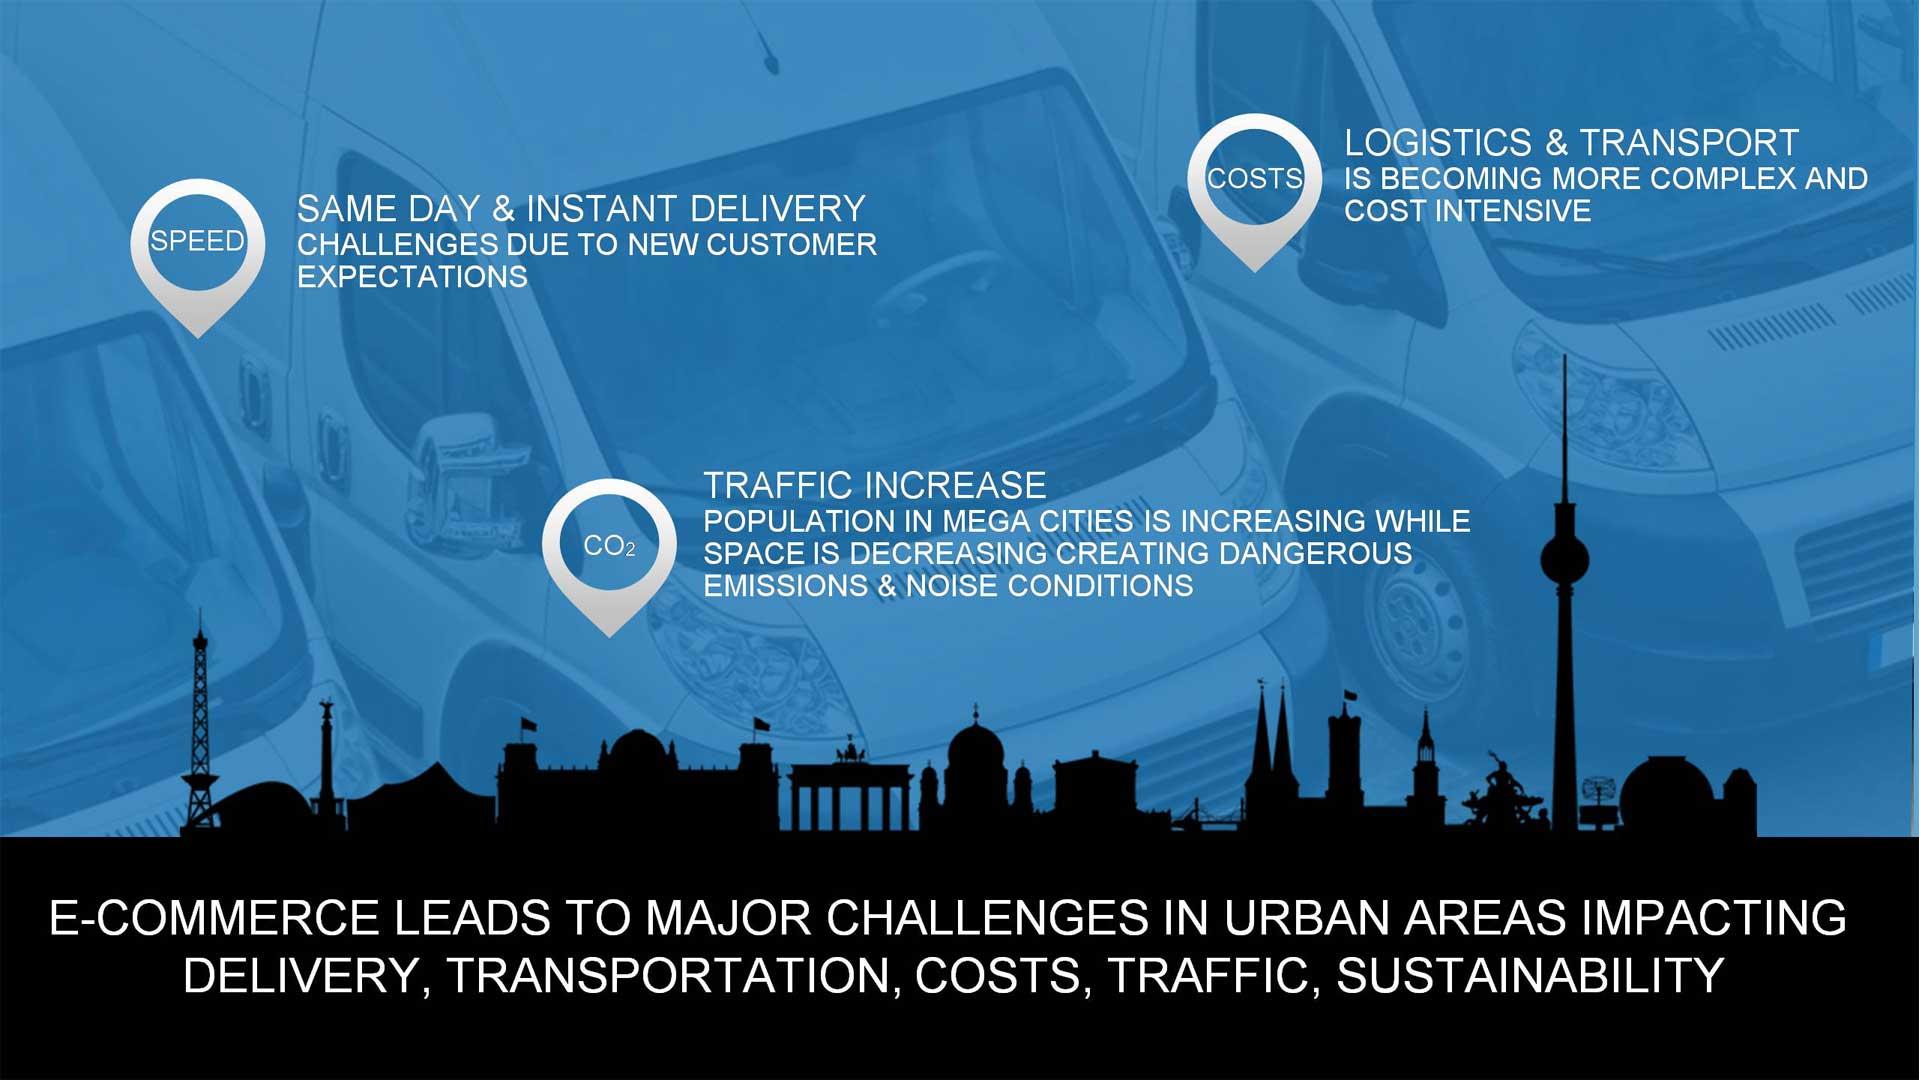 RULS - der heutige E-Commerce ist nicht ganz unschuldig am Infarkt der Städte: Die Gesellschaft muss in Zukunft umdenken.